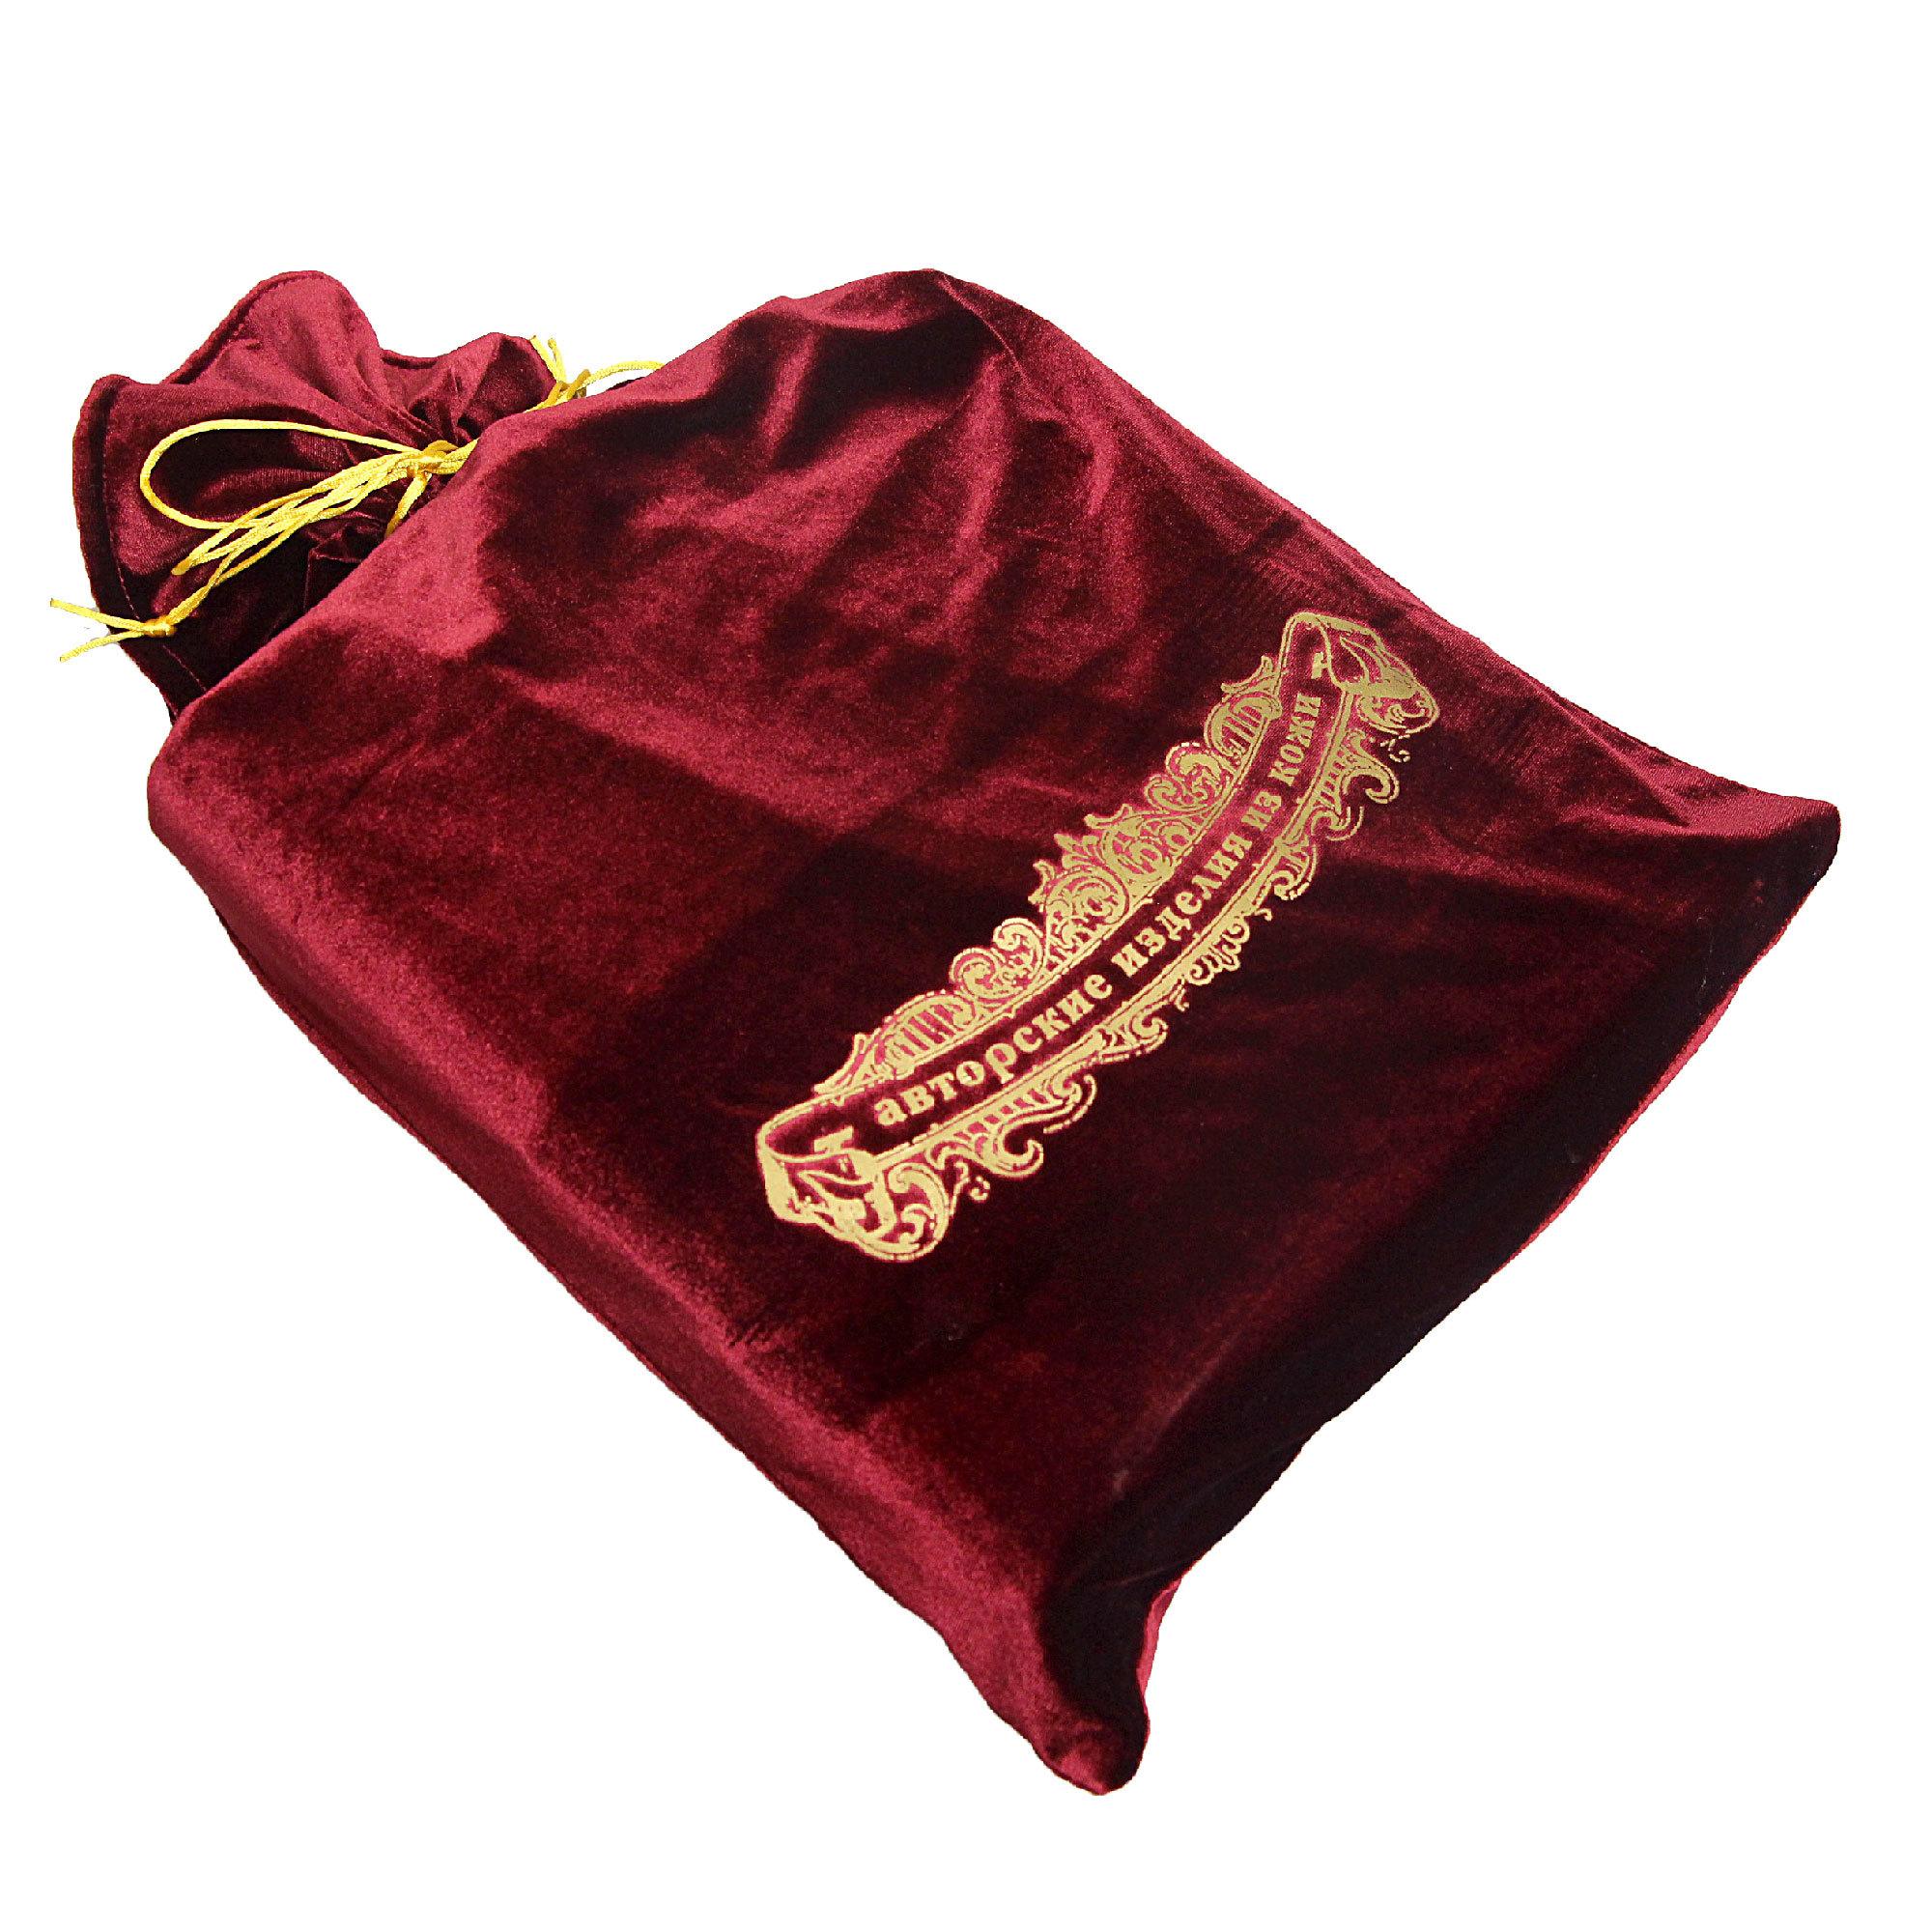 Мешок подарочный М-4 бордо